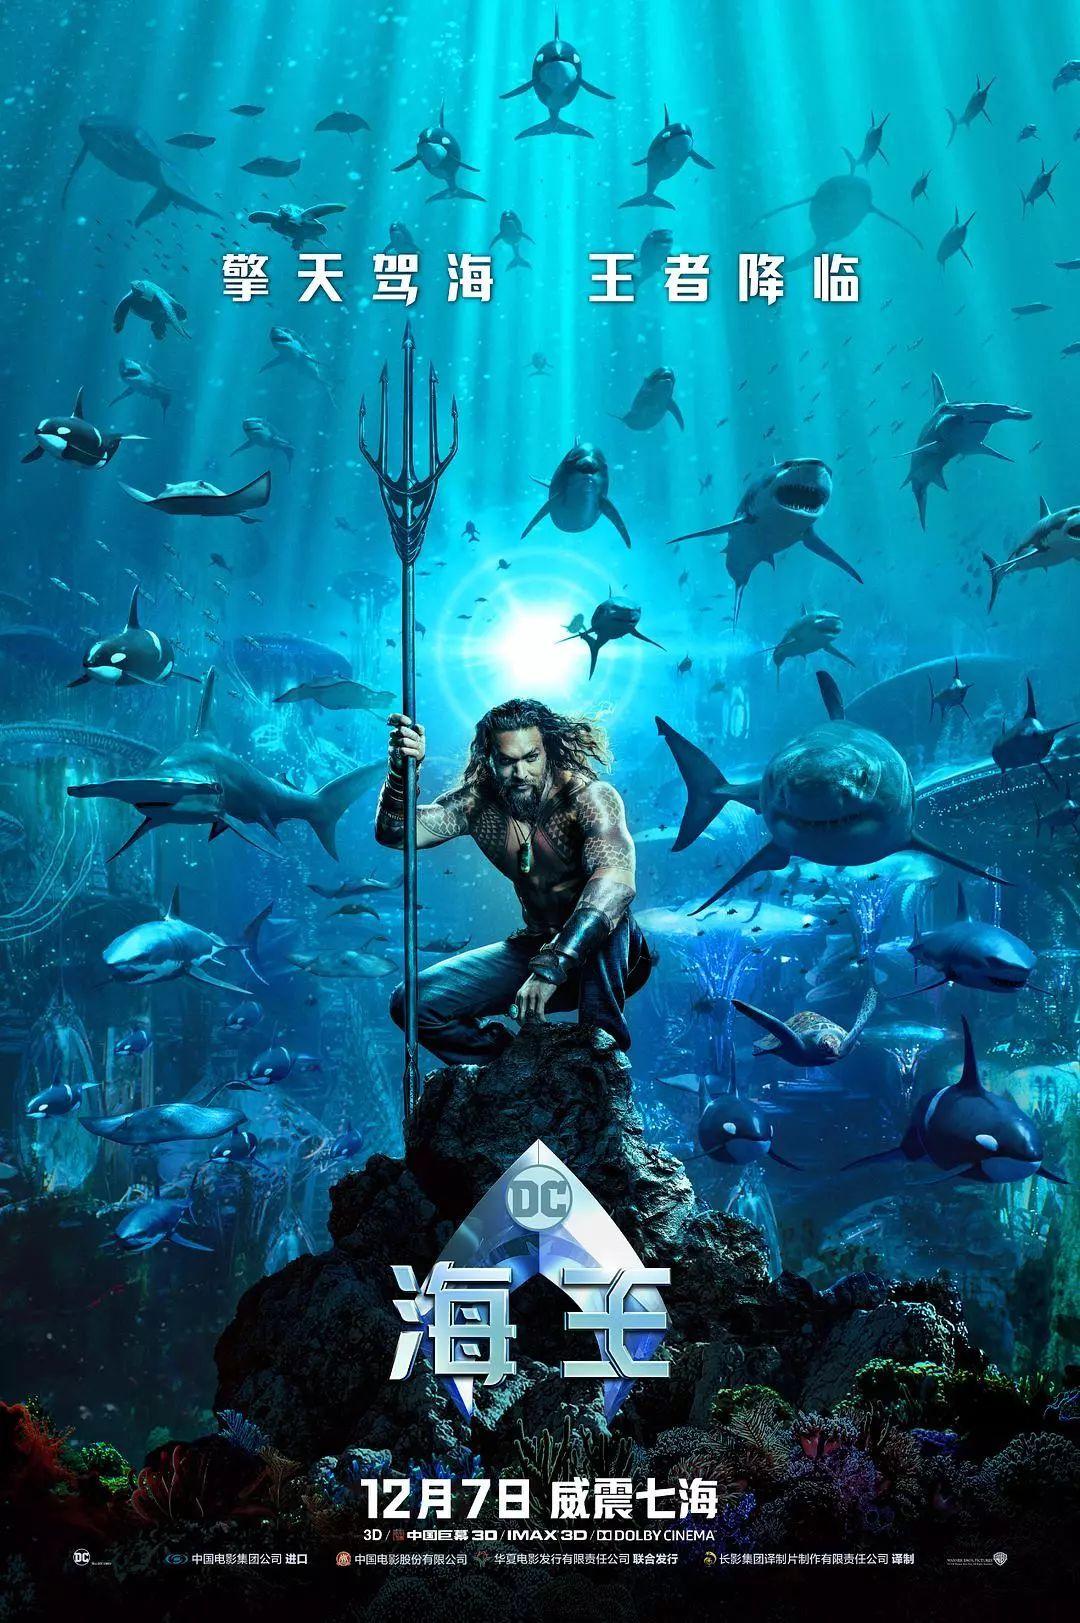 2018最後一部超級英雄真人電影《海王》豆瓣8.3分,憑什麼? ! (內藏福利) 1